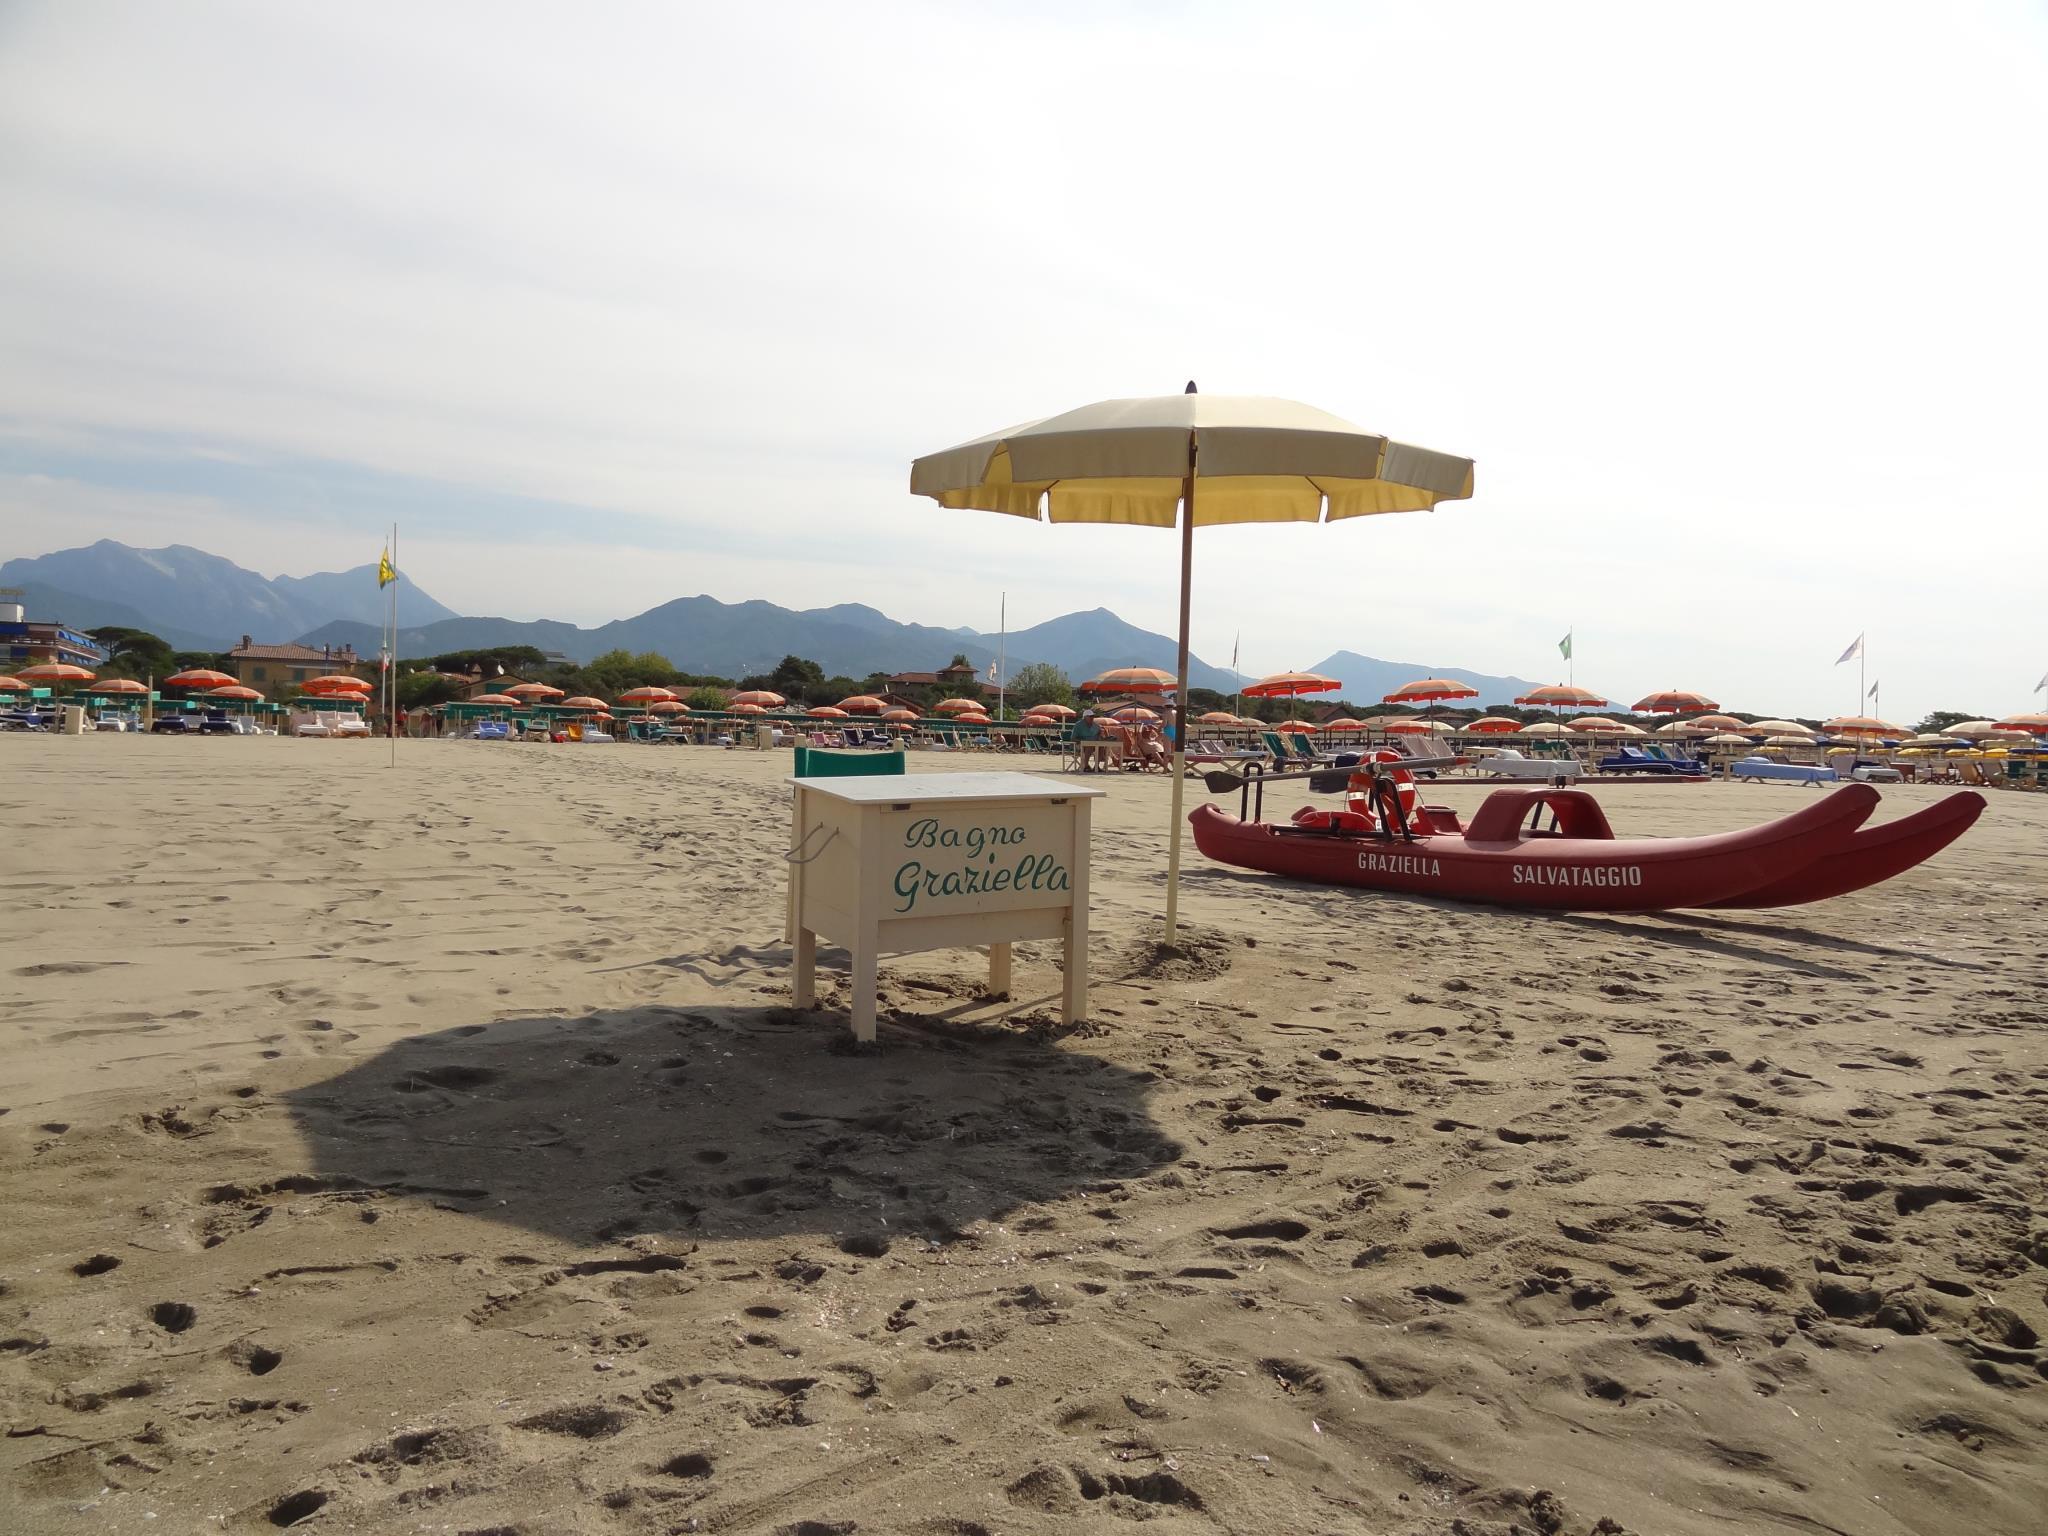 Bagno Graziella